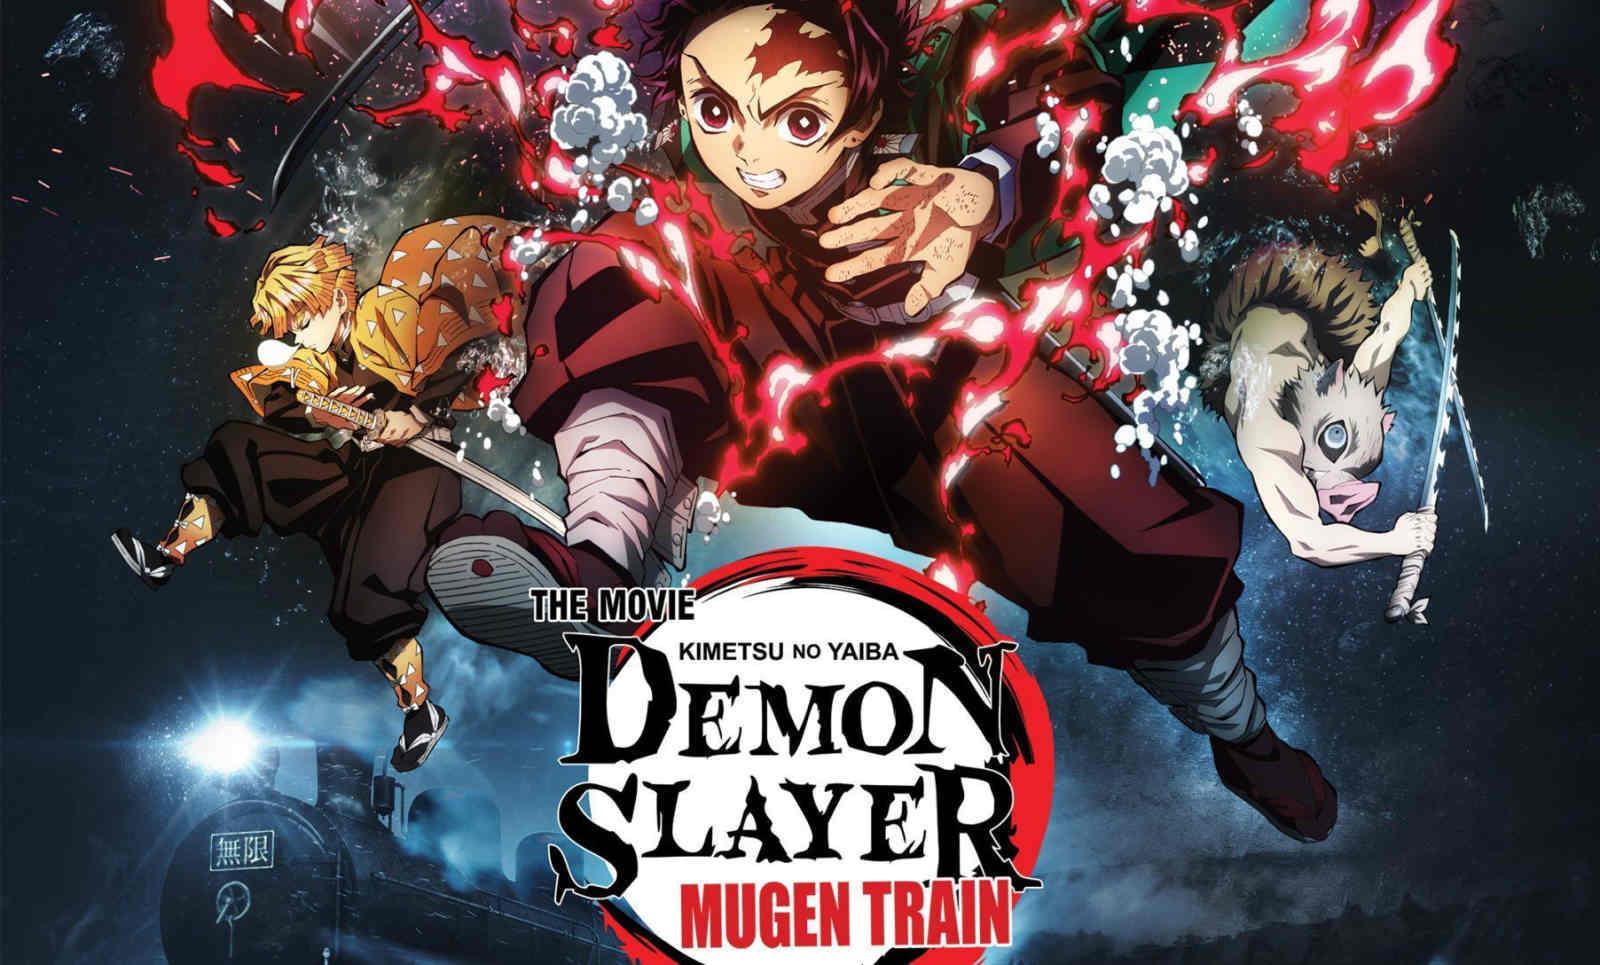 """Kinh tế Nhật Bản hưởng lợi gần 2 tỷ USD nhờ hiện tượng văn hóa """"Demon Slayer"""""""